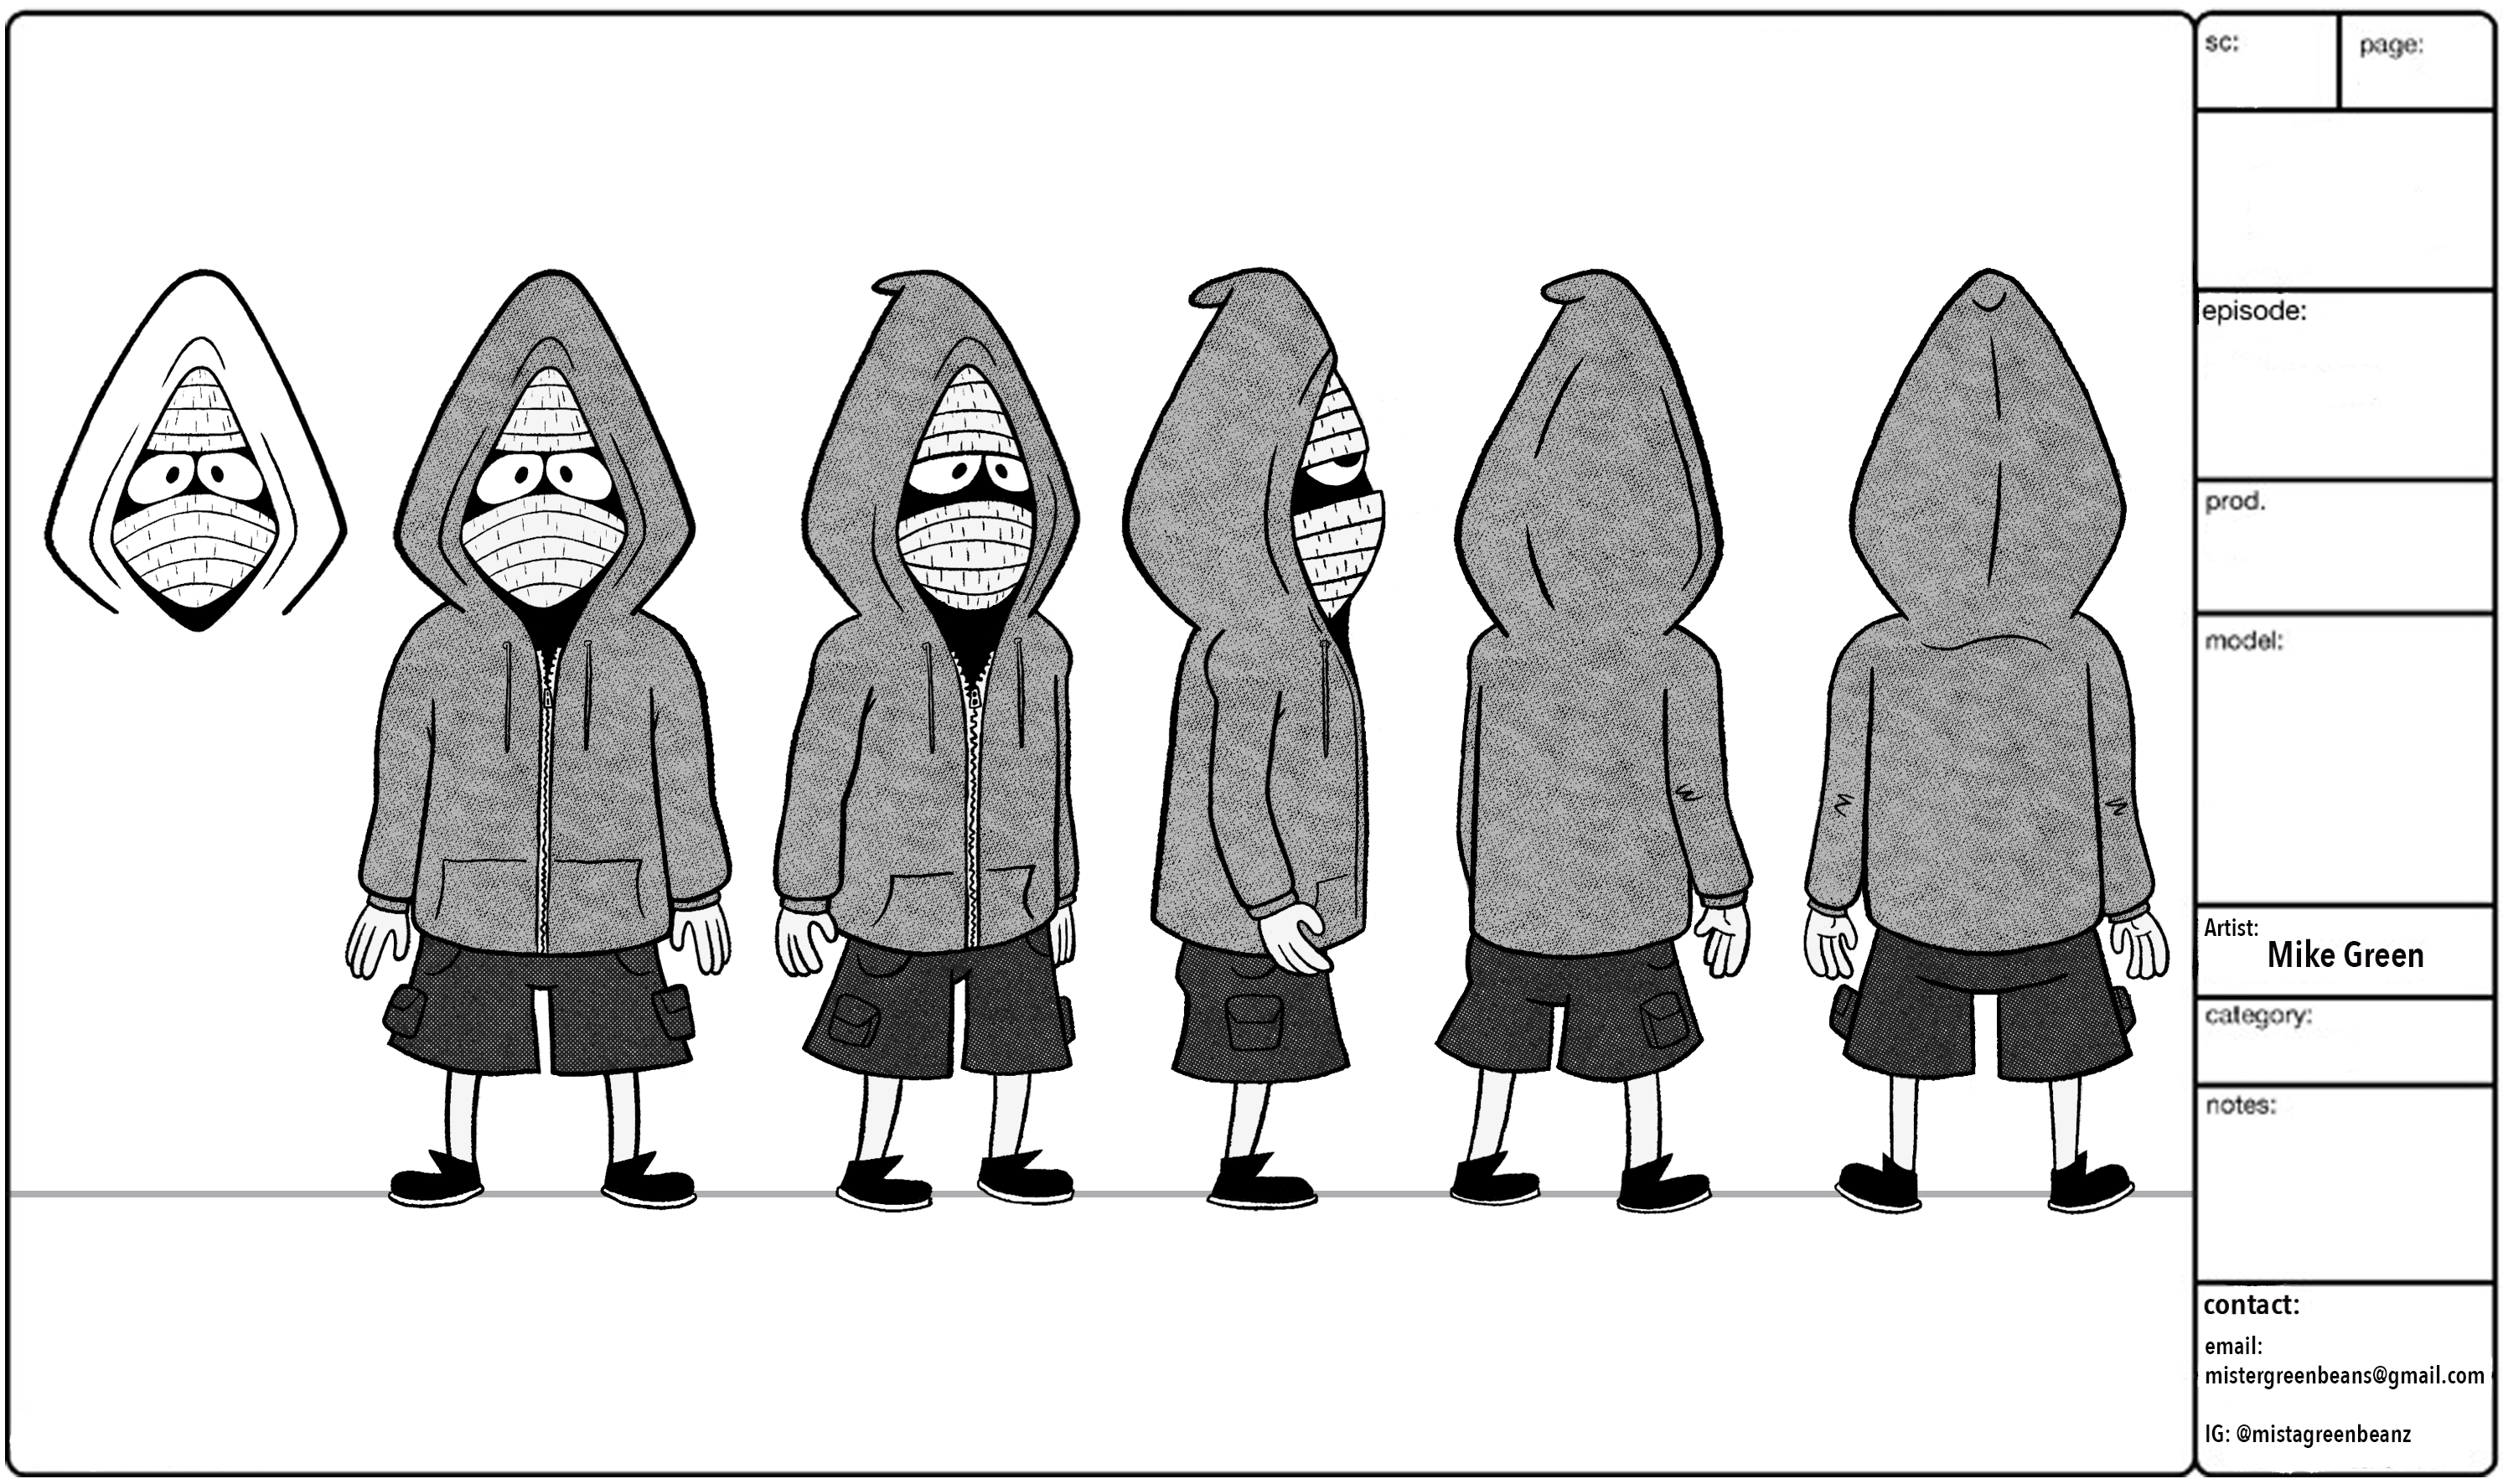 Last Cartoonist - The Cartoonist - Turna